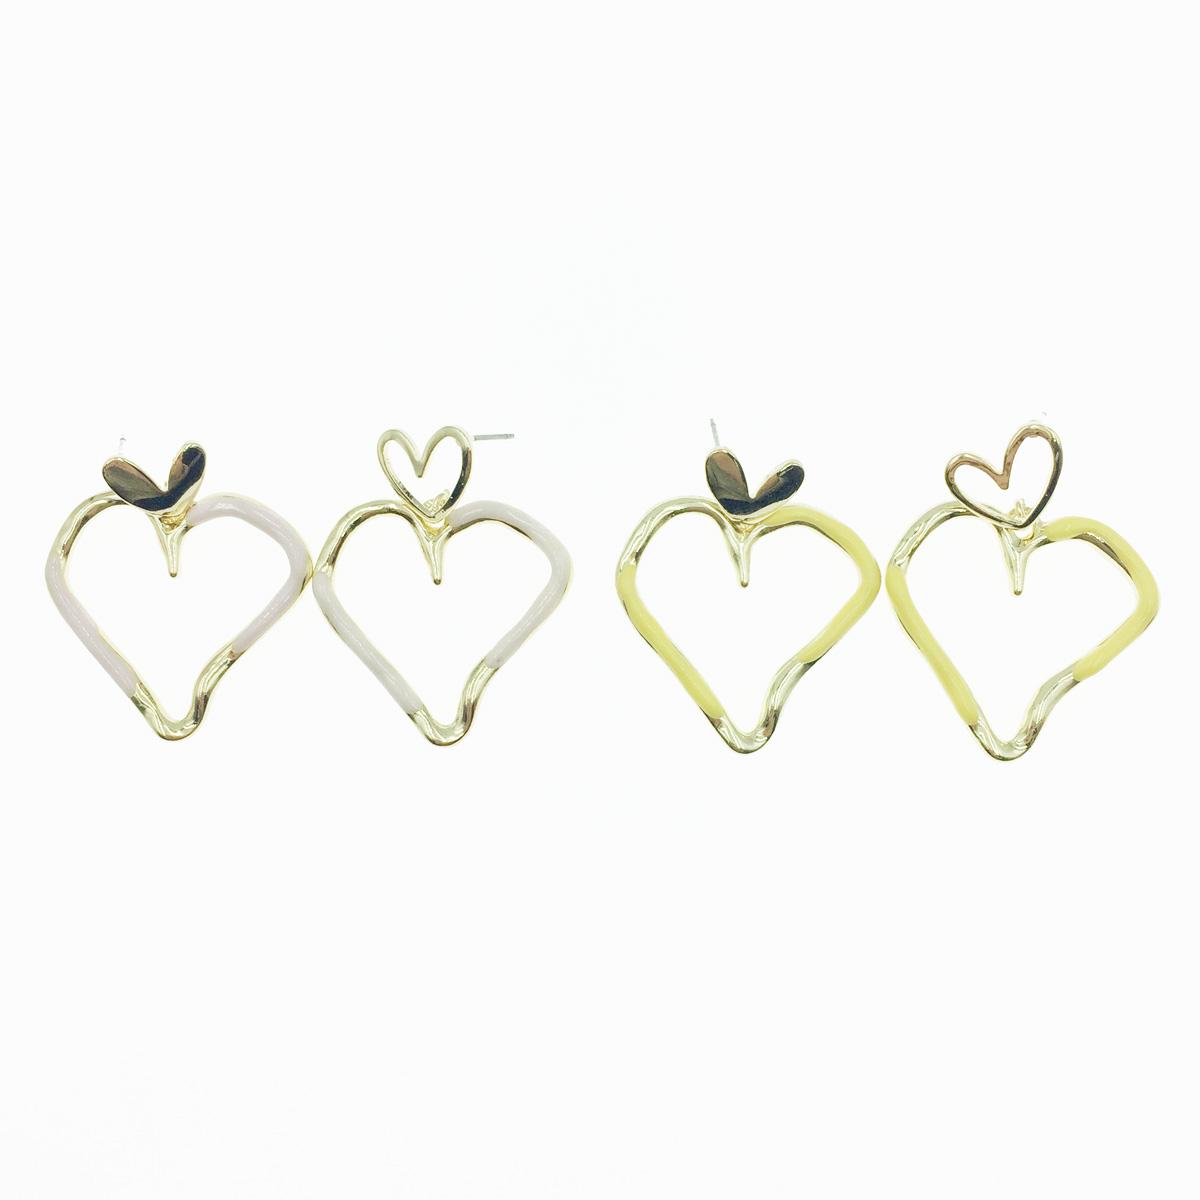 韓國 不對稱 簍空愛心 可愛甜美風 2色 垂墜感 耳針式耳環